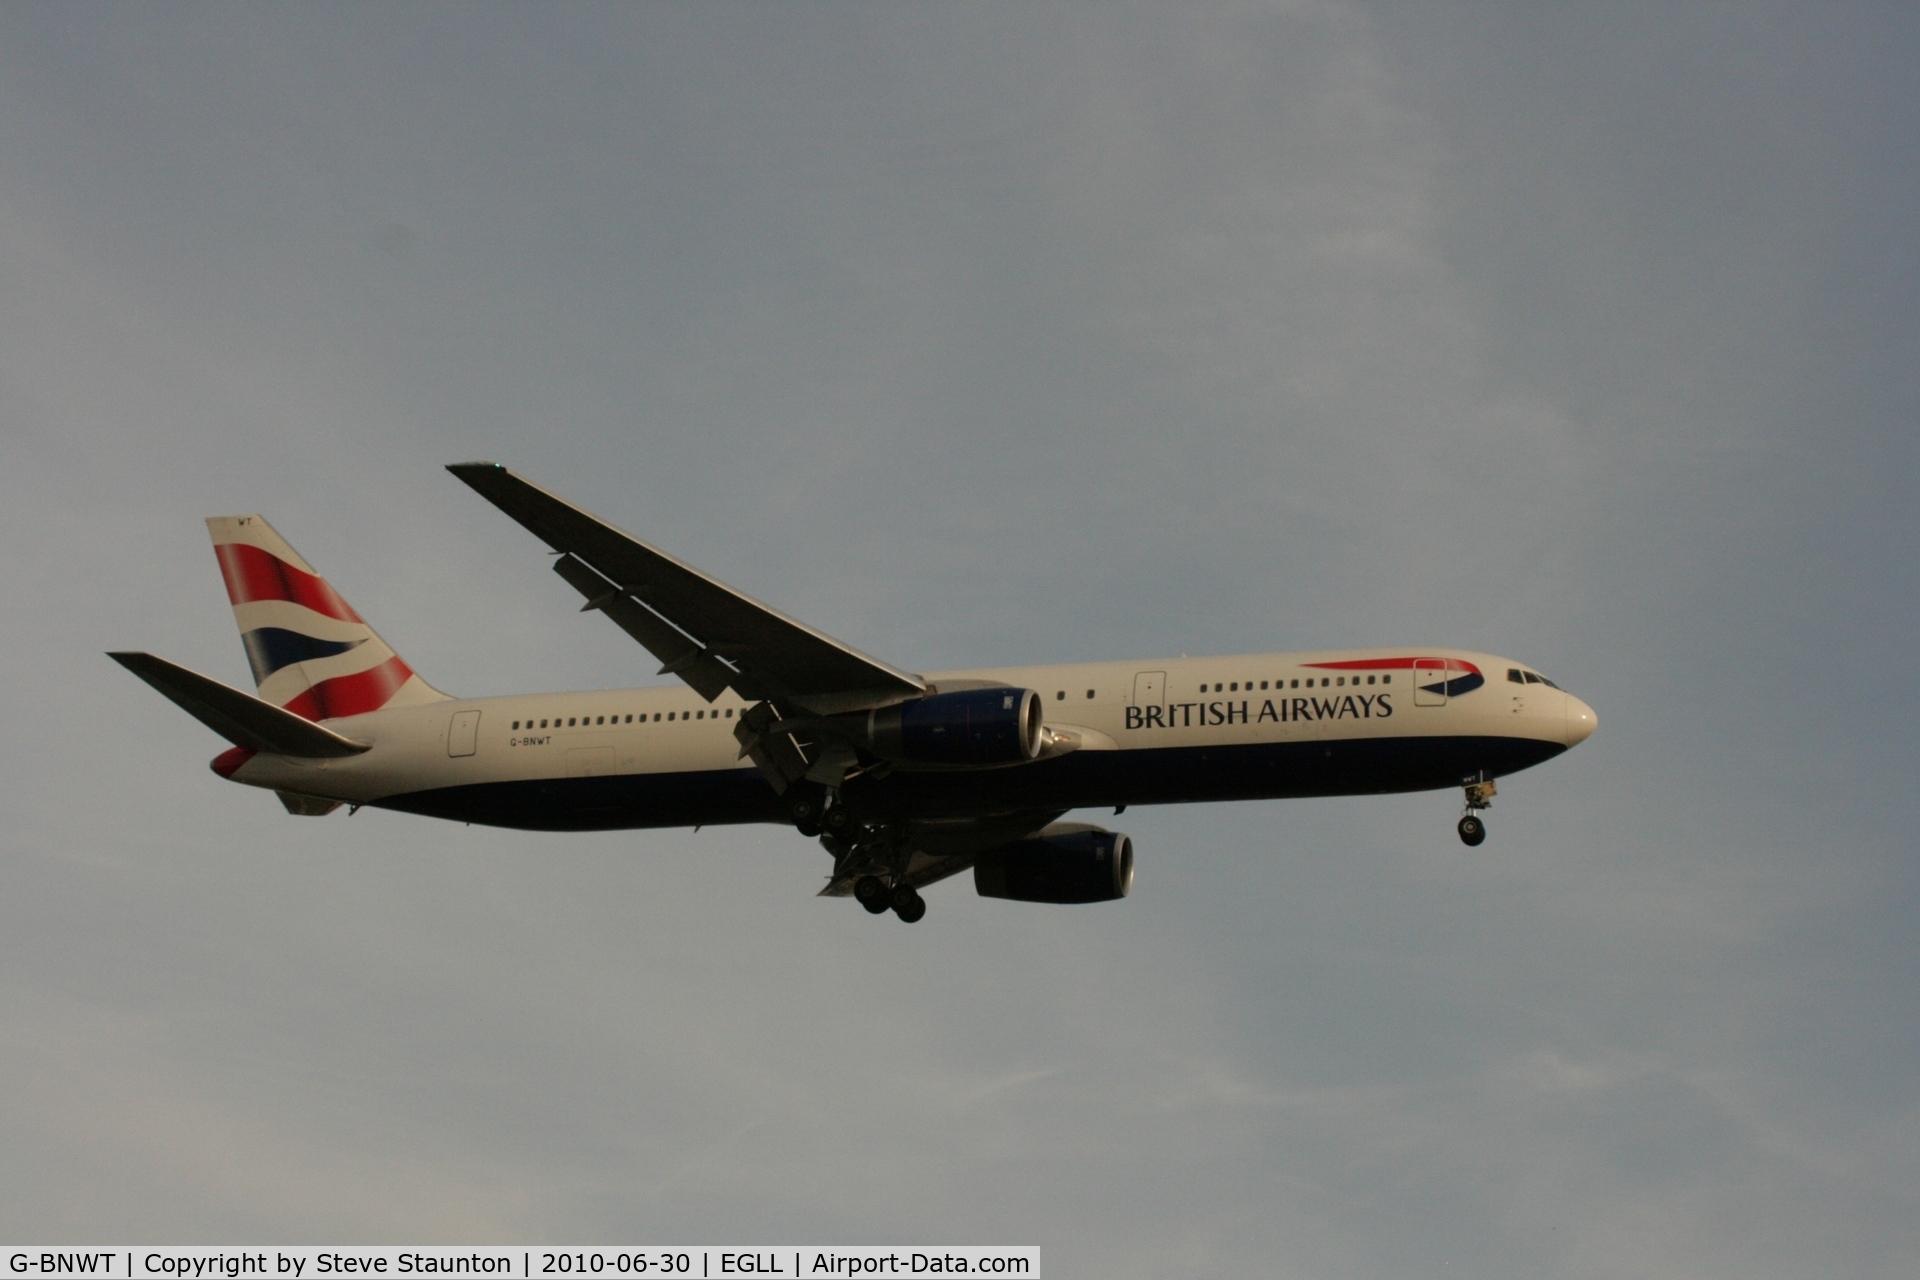 G-BNWT, 1992 Boeing 767-336 C/N 25828, Taken at Heathrow Airport, June 2010